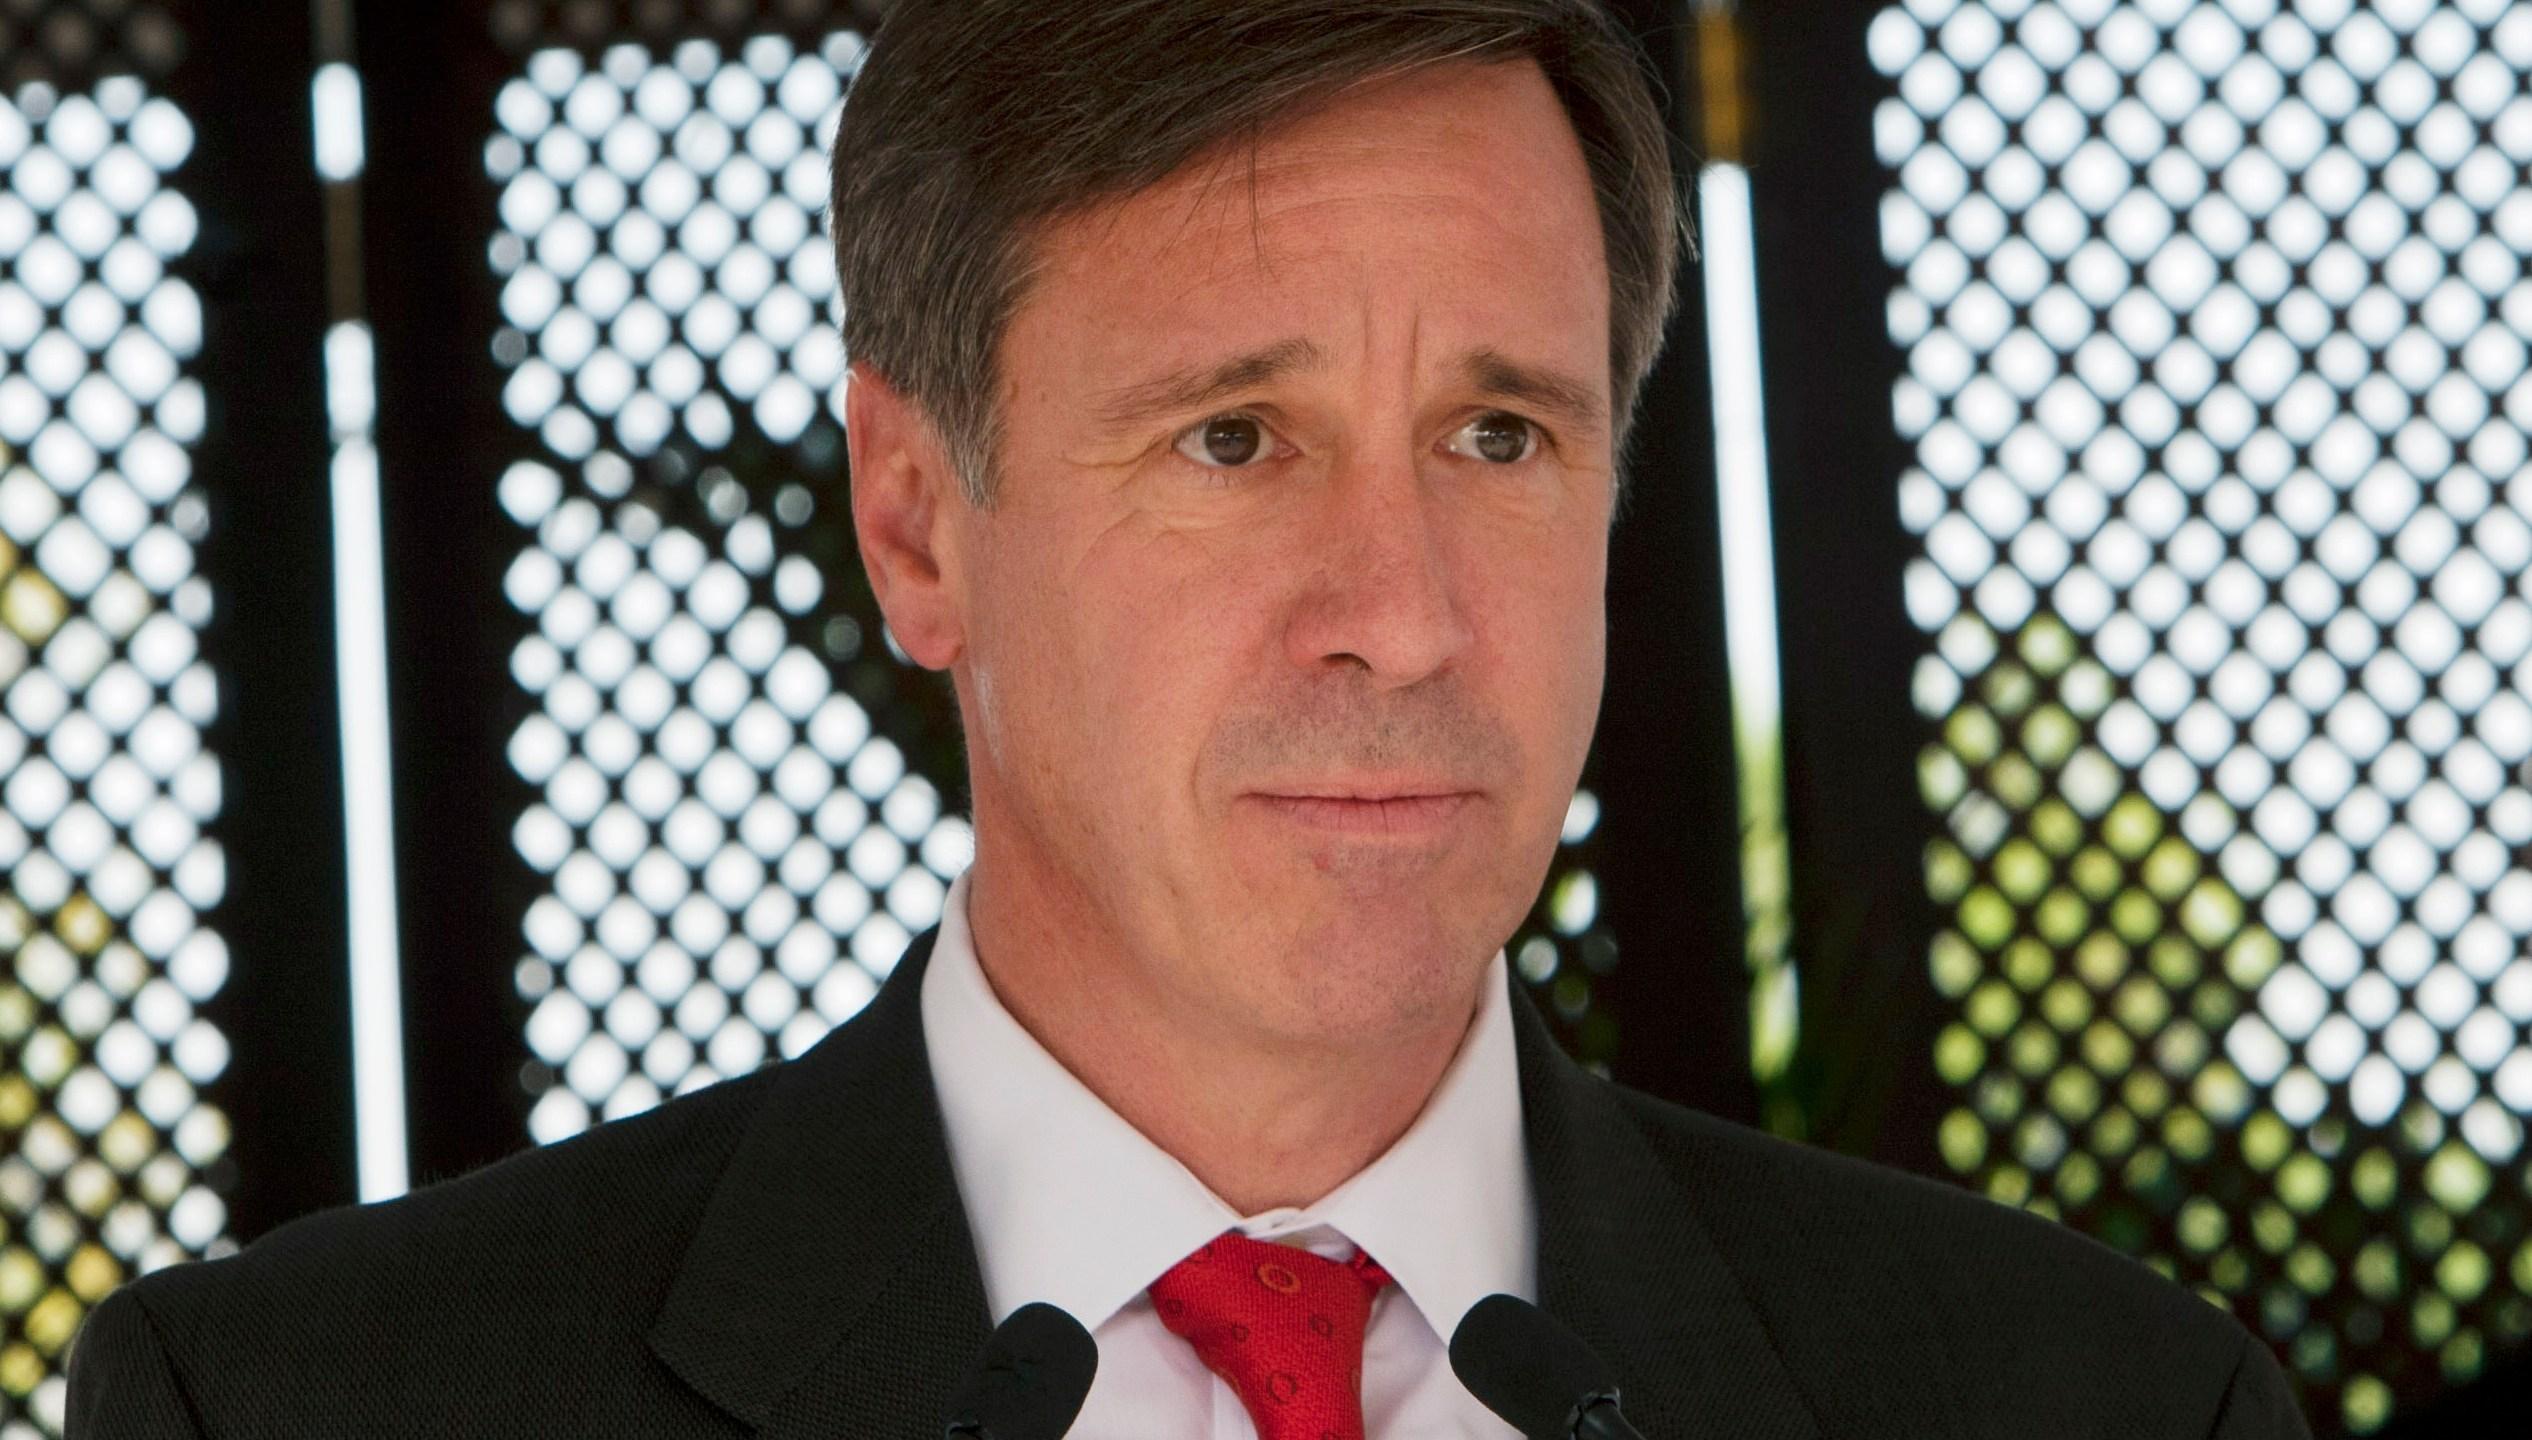 Arne Sorenson